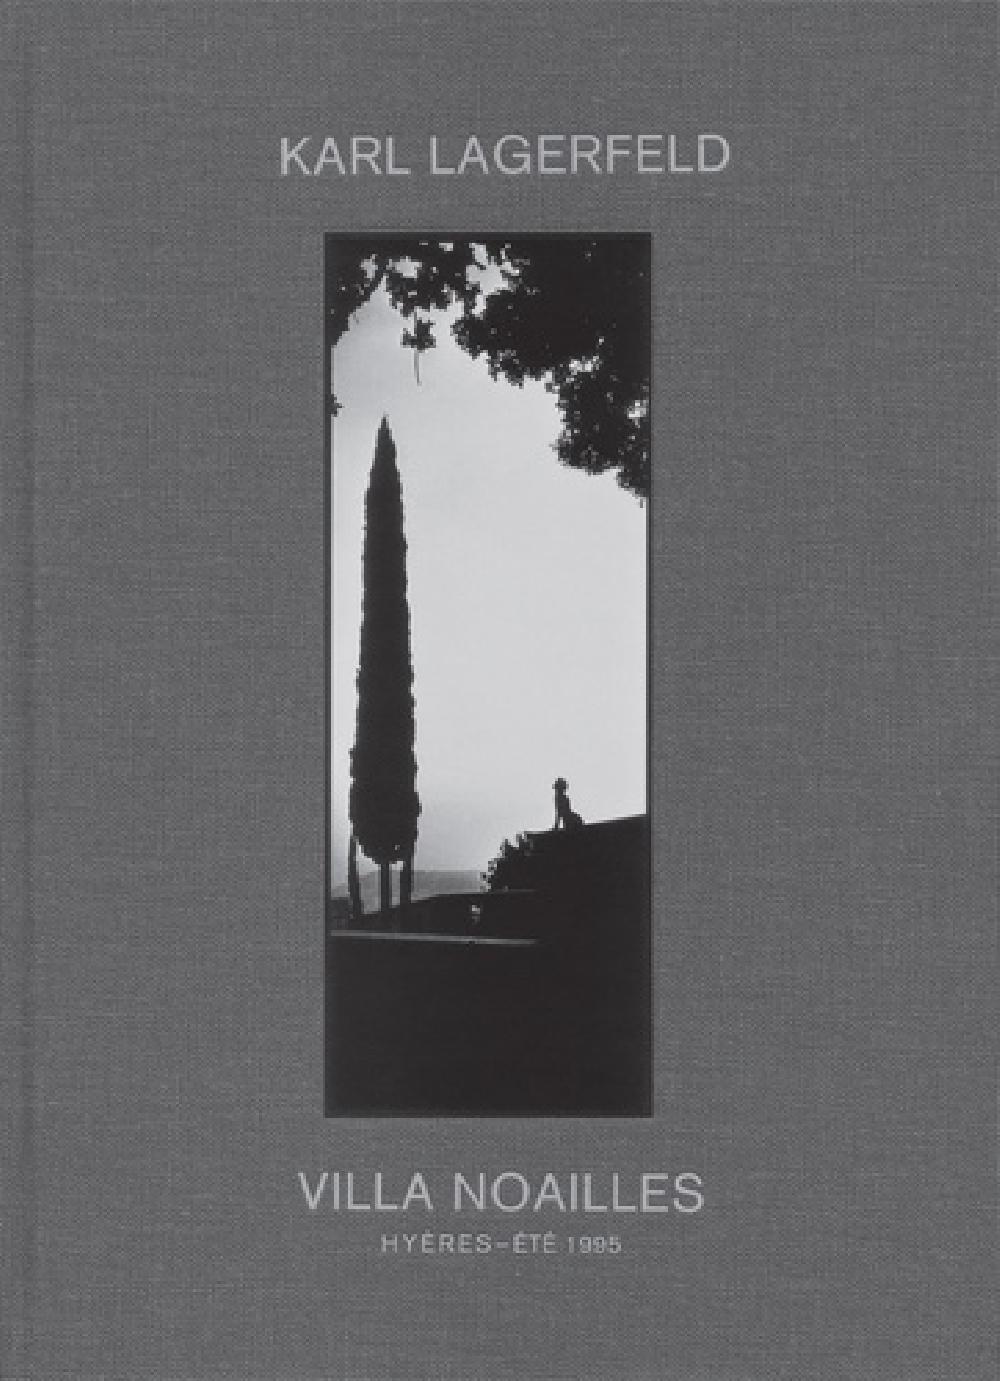 Villa Noailles - Hyères, été 1995 / Karl Lagerfeld